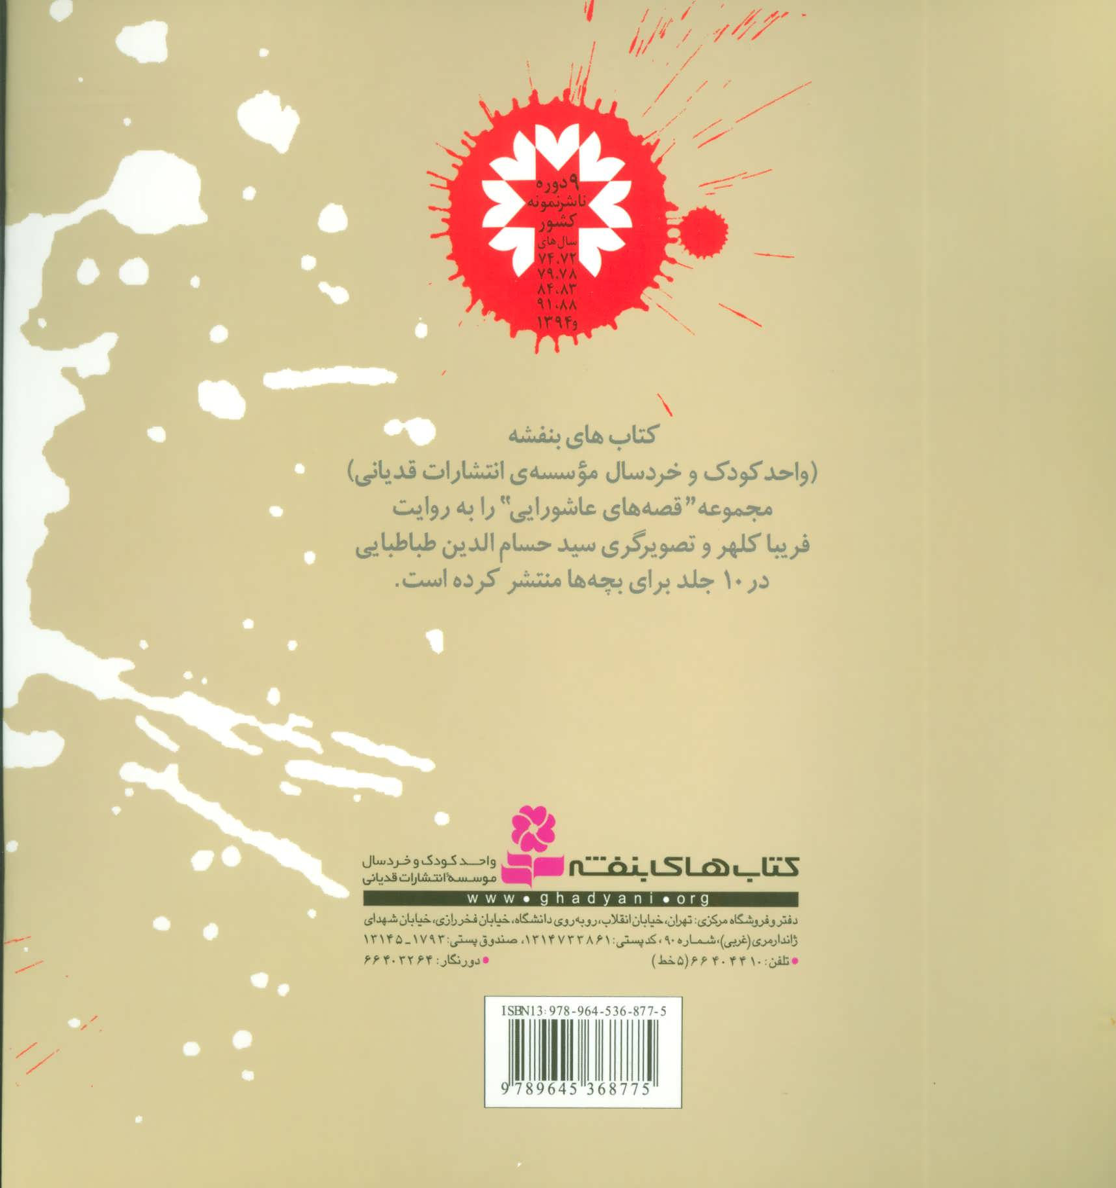 قصه های عاشورایی 8 (بانوی دشت،امام حسین (ع) و زینب)